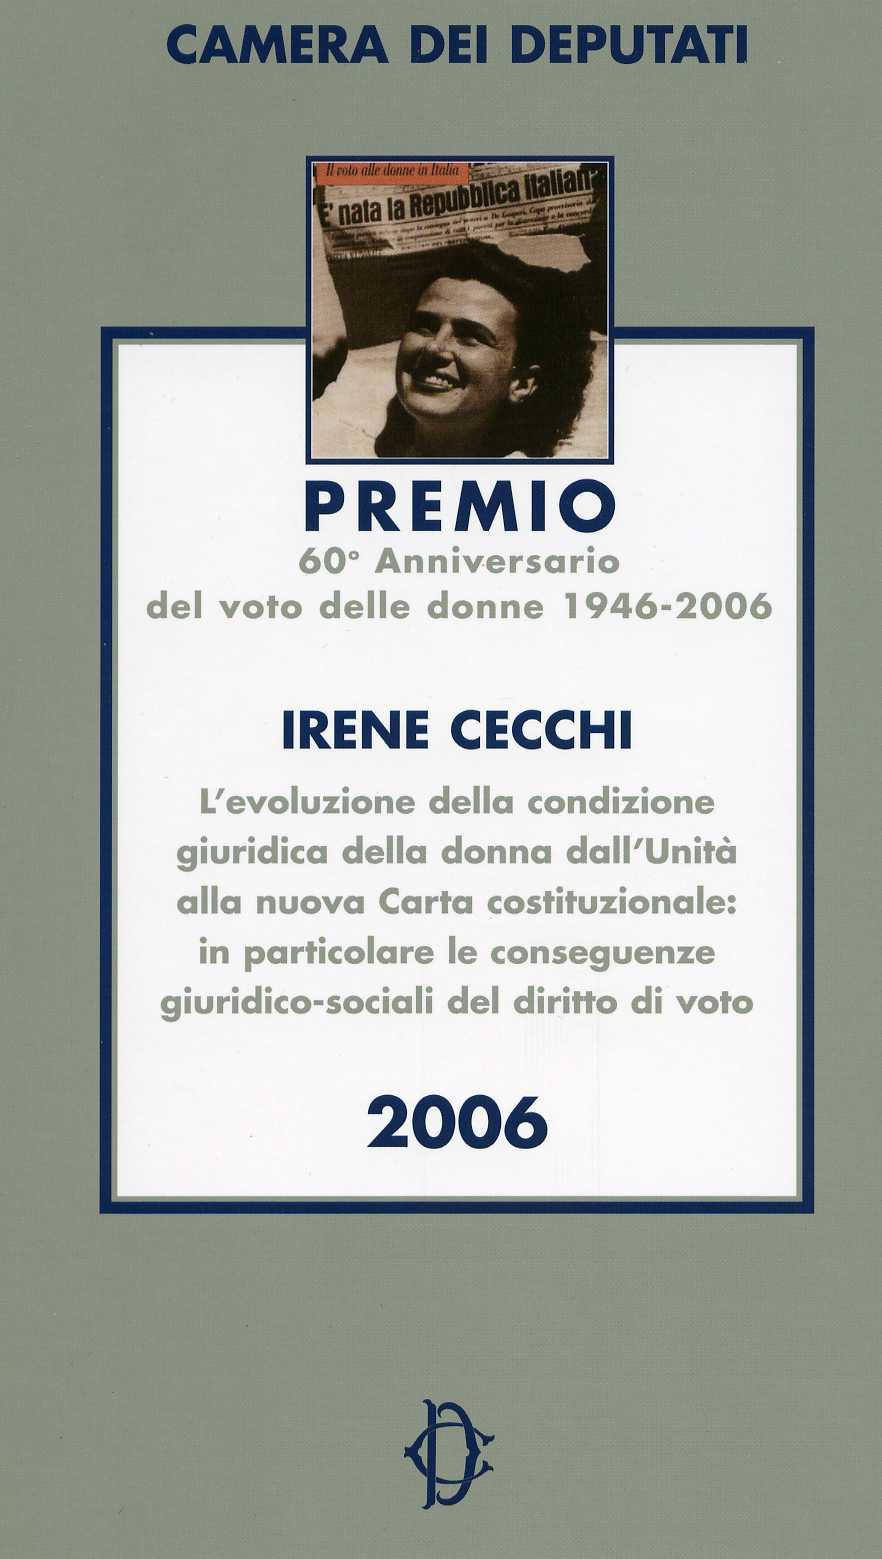 L'evoluzione della condizione giuridica della donna dall'Unità d'Italia alla nuova Carta Costituzionale. In particolare le conseguenze giuridico-sociali del diritto di voto